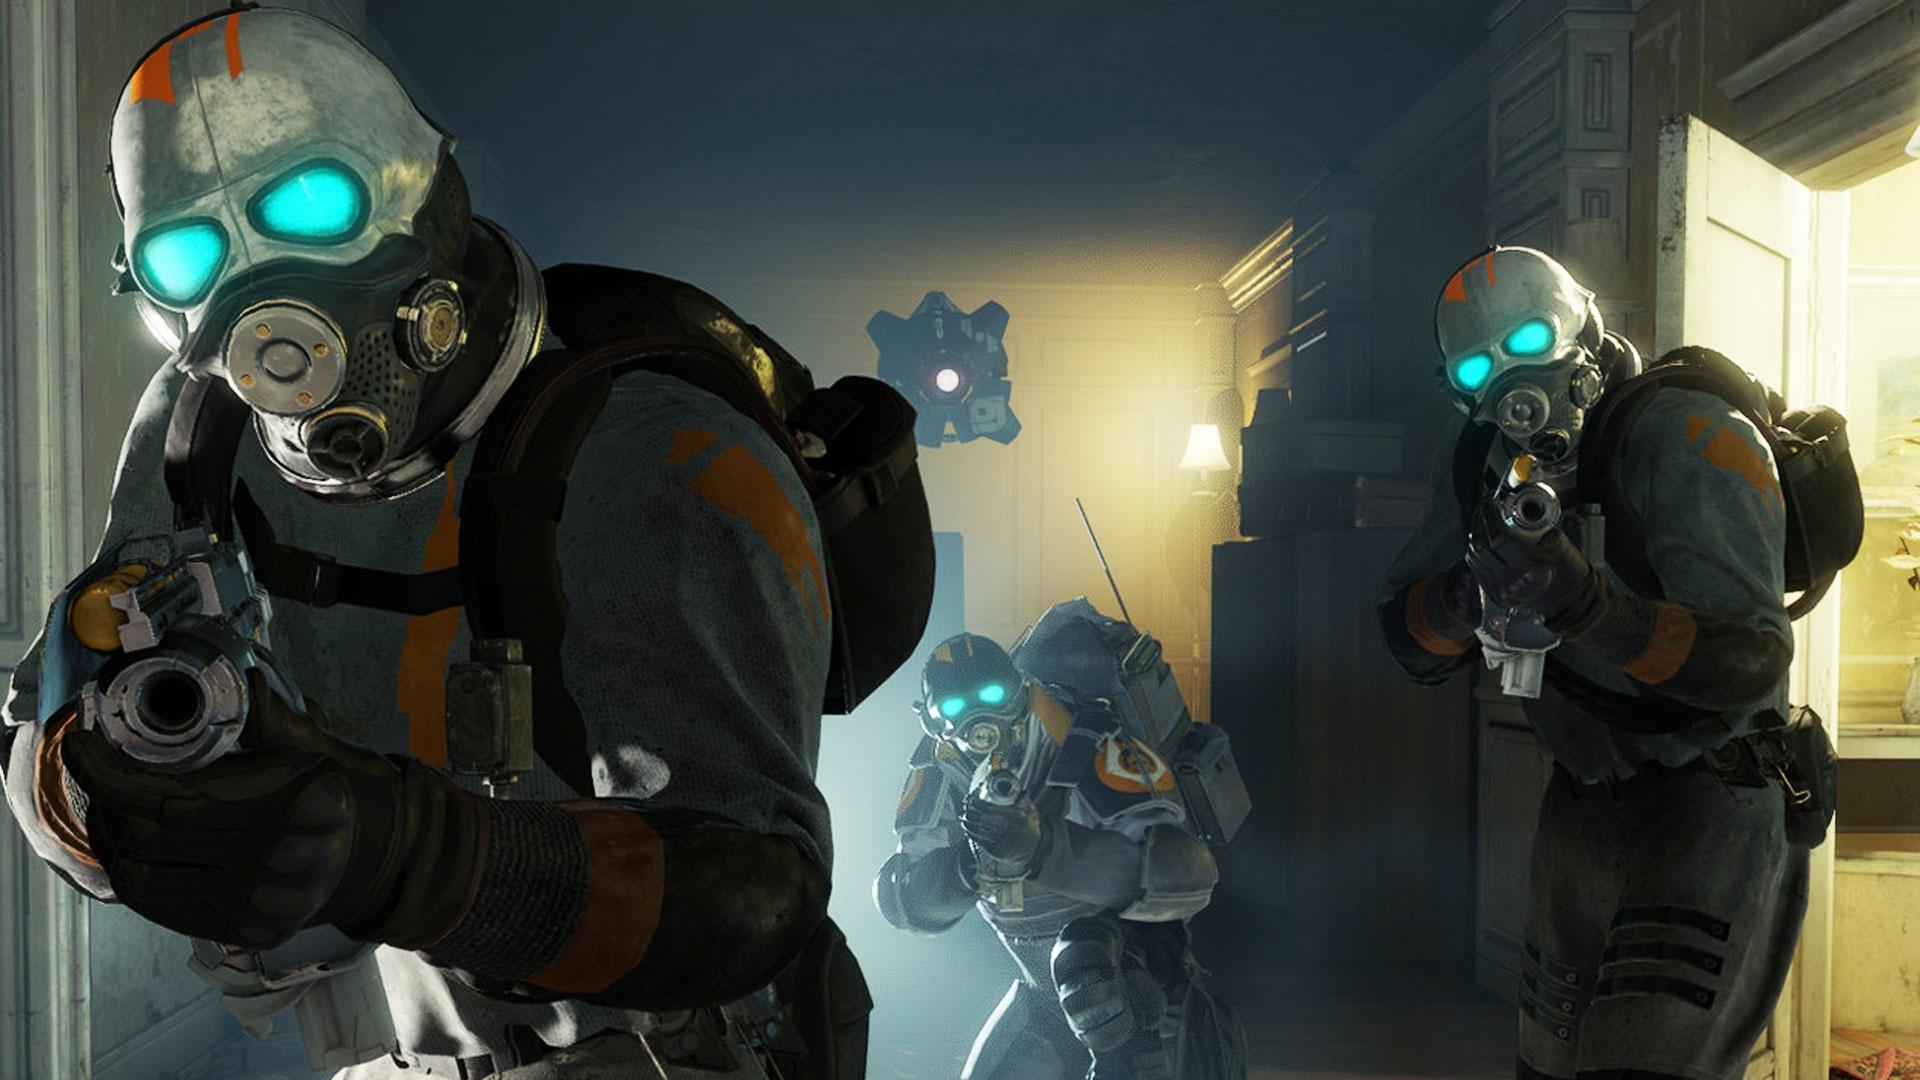 Nach Half-Life: Alyx will Valve die Matrix erschaffen